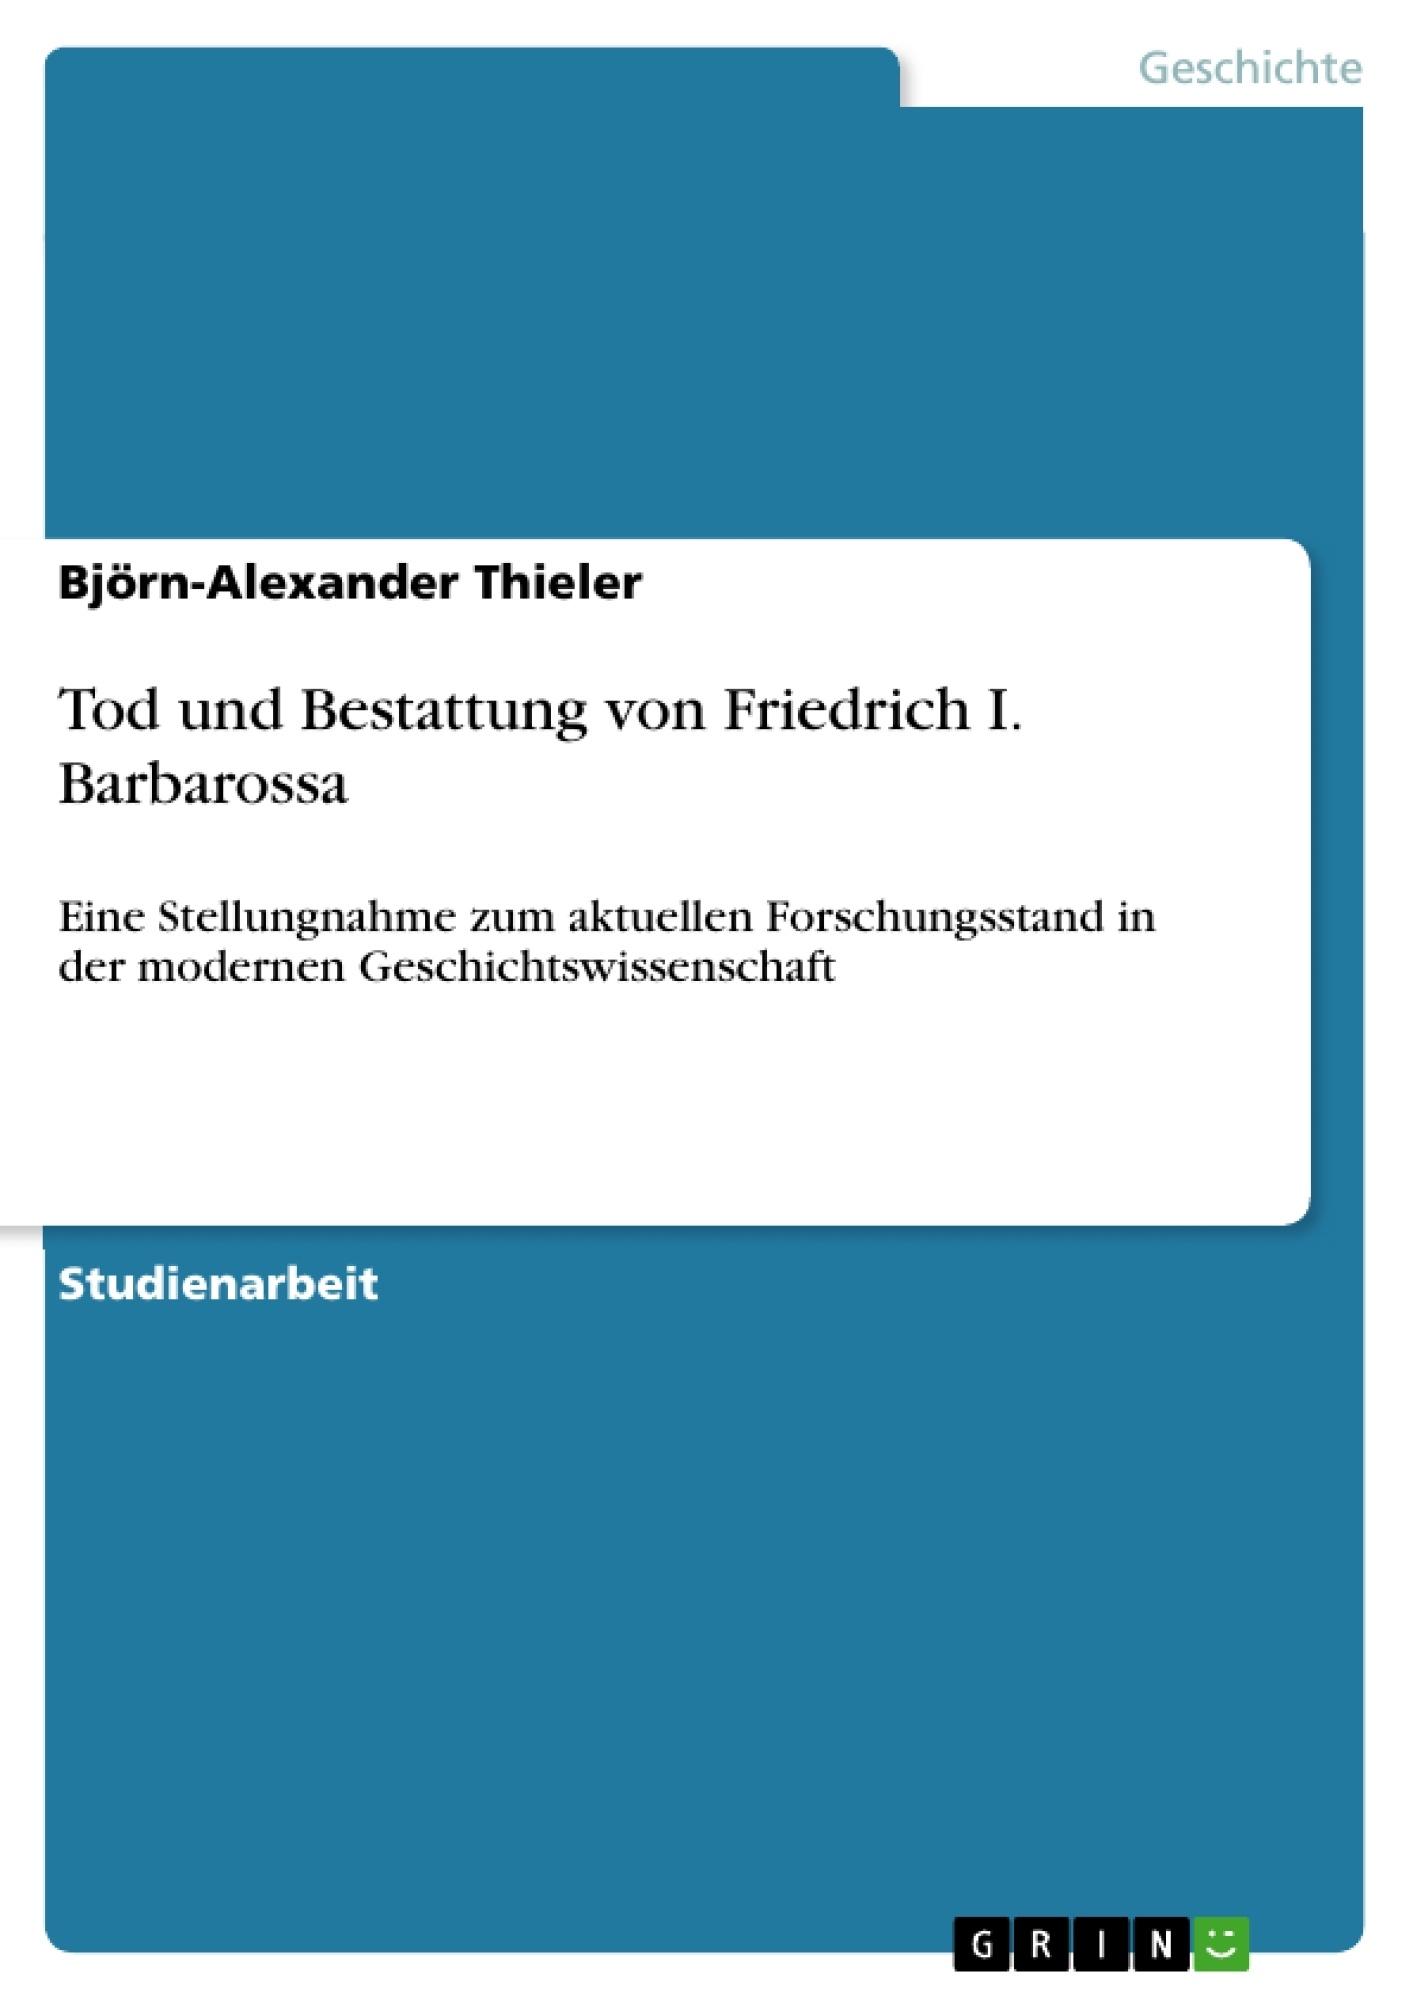 Titel: Tod und Bestattung von Friedrich I. Barbarossa